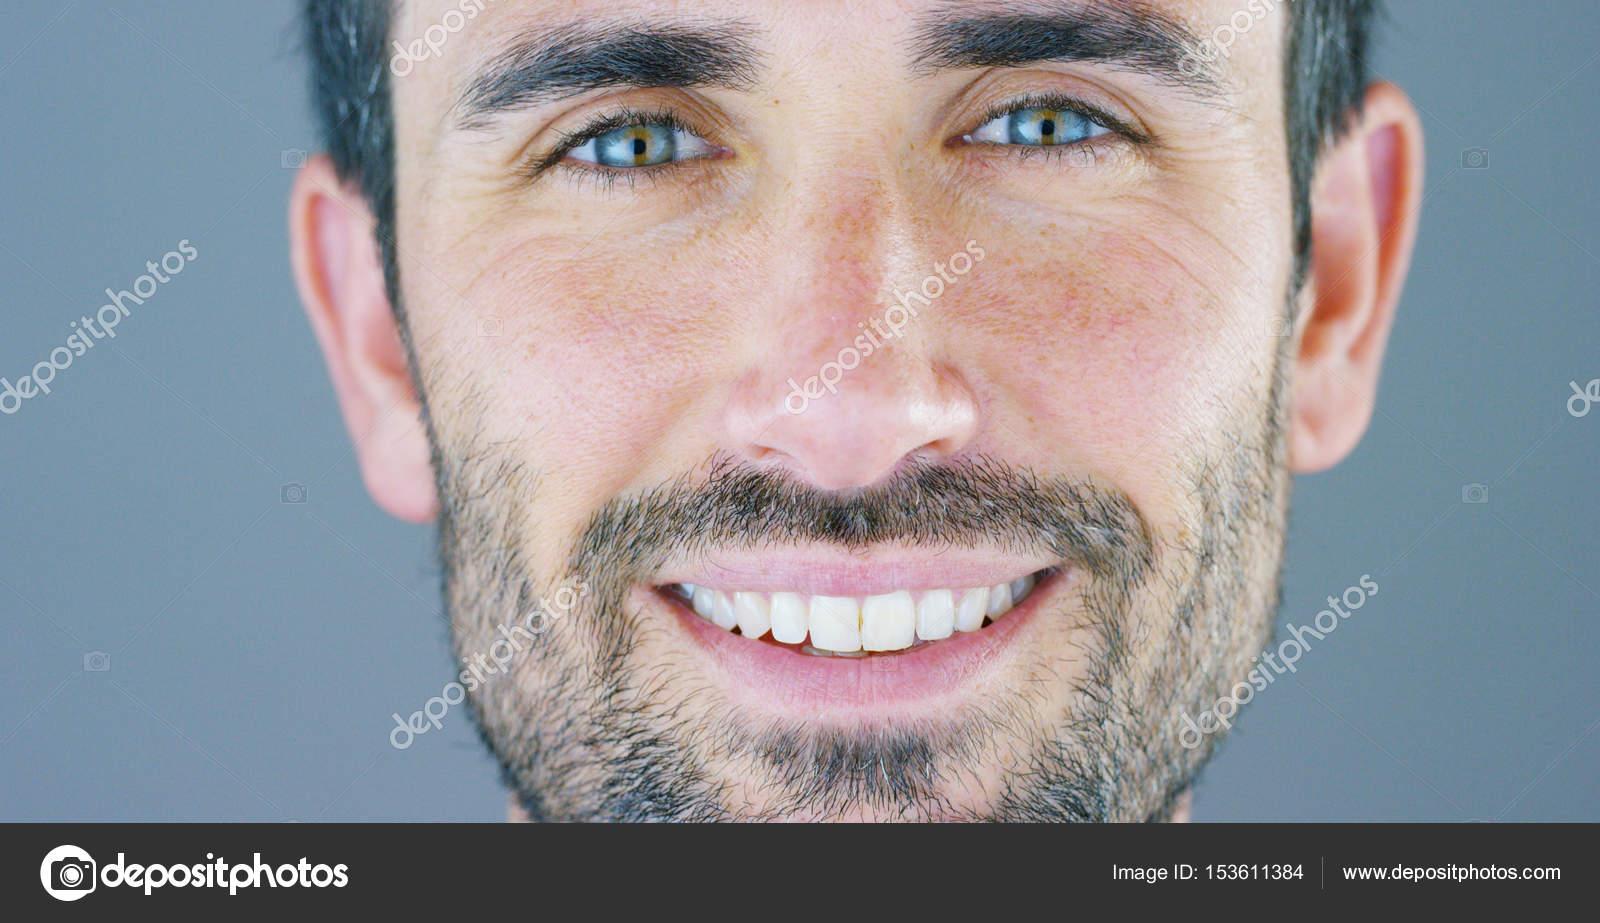 Ein schönes Porträt von Mann lächelt und strahlt seine